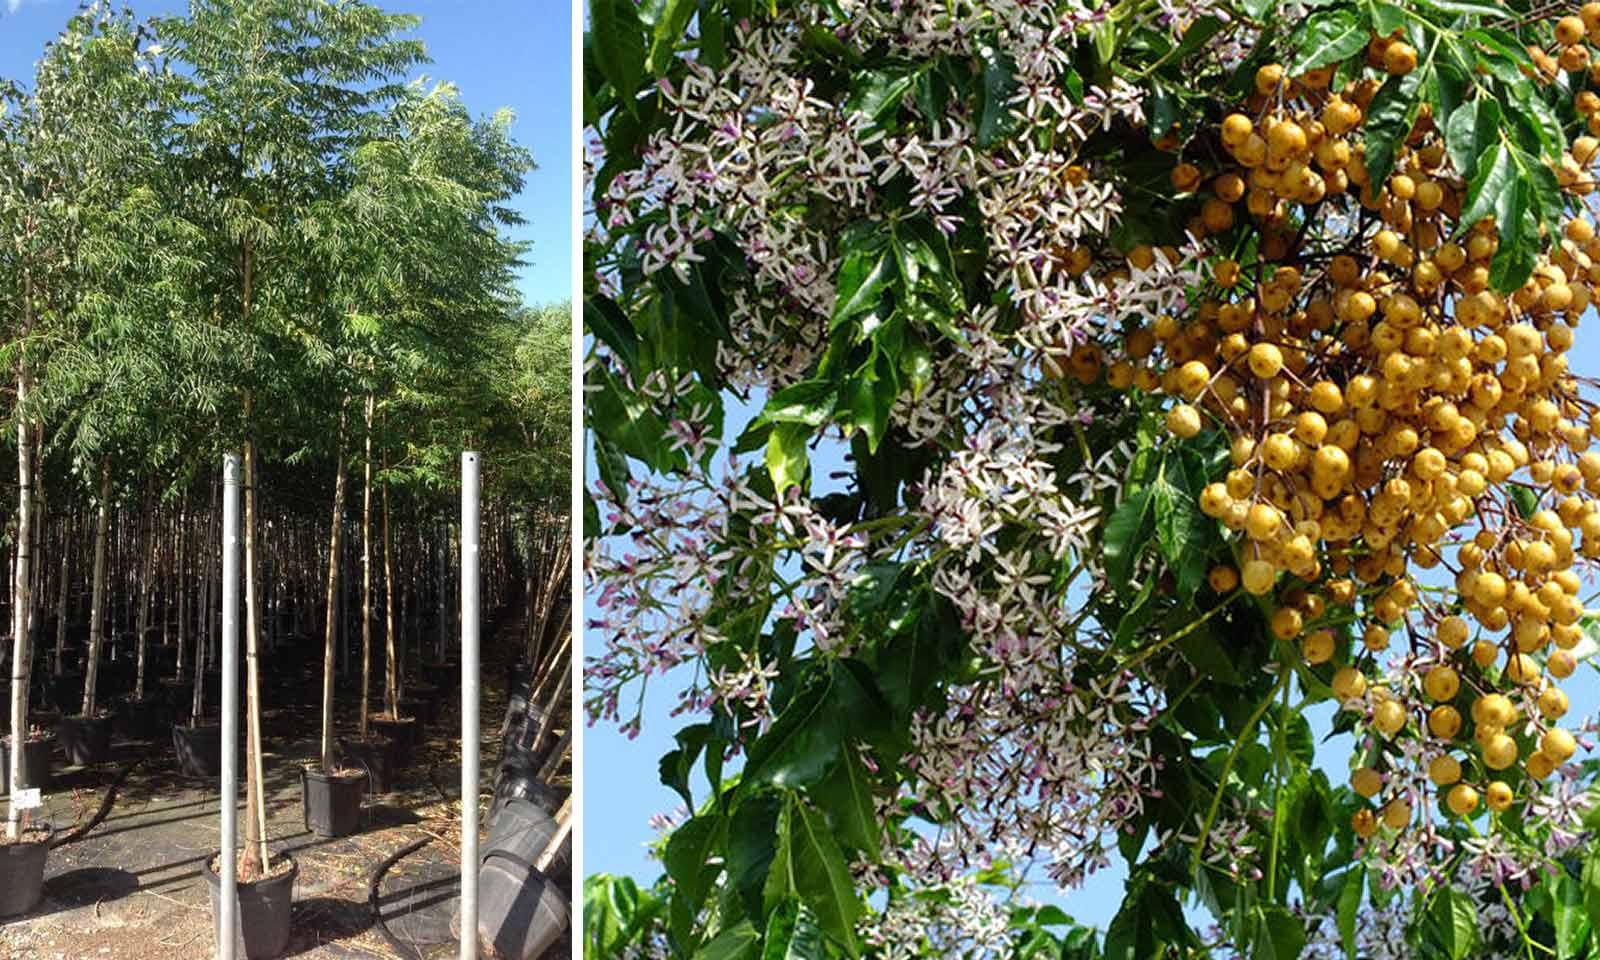 Melia Azedarach (Chinaberry Tree) - Standard